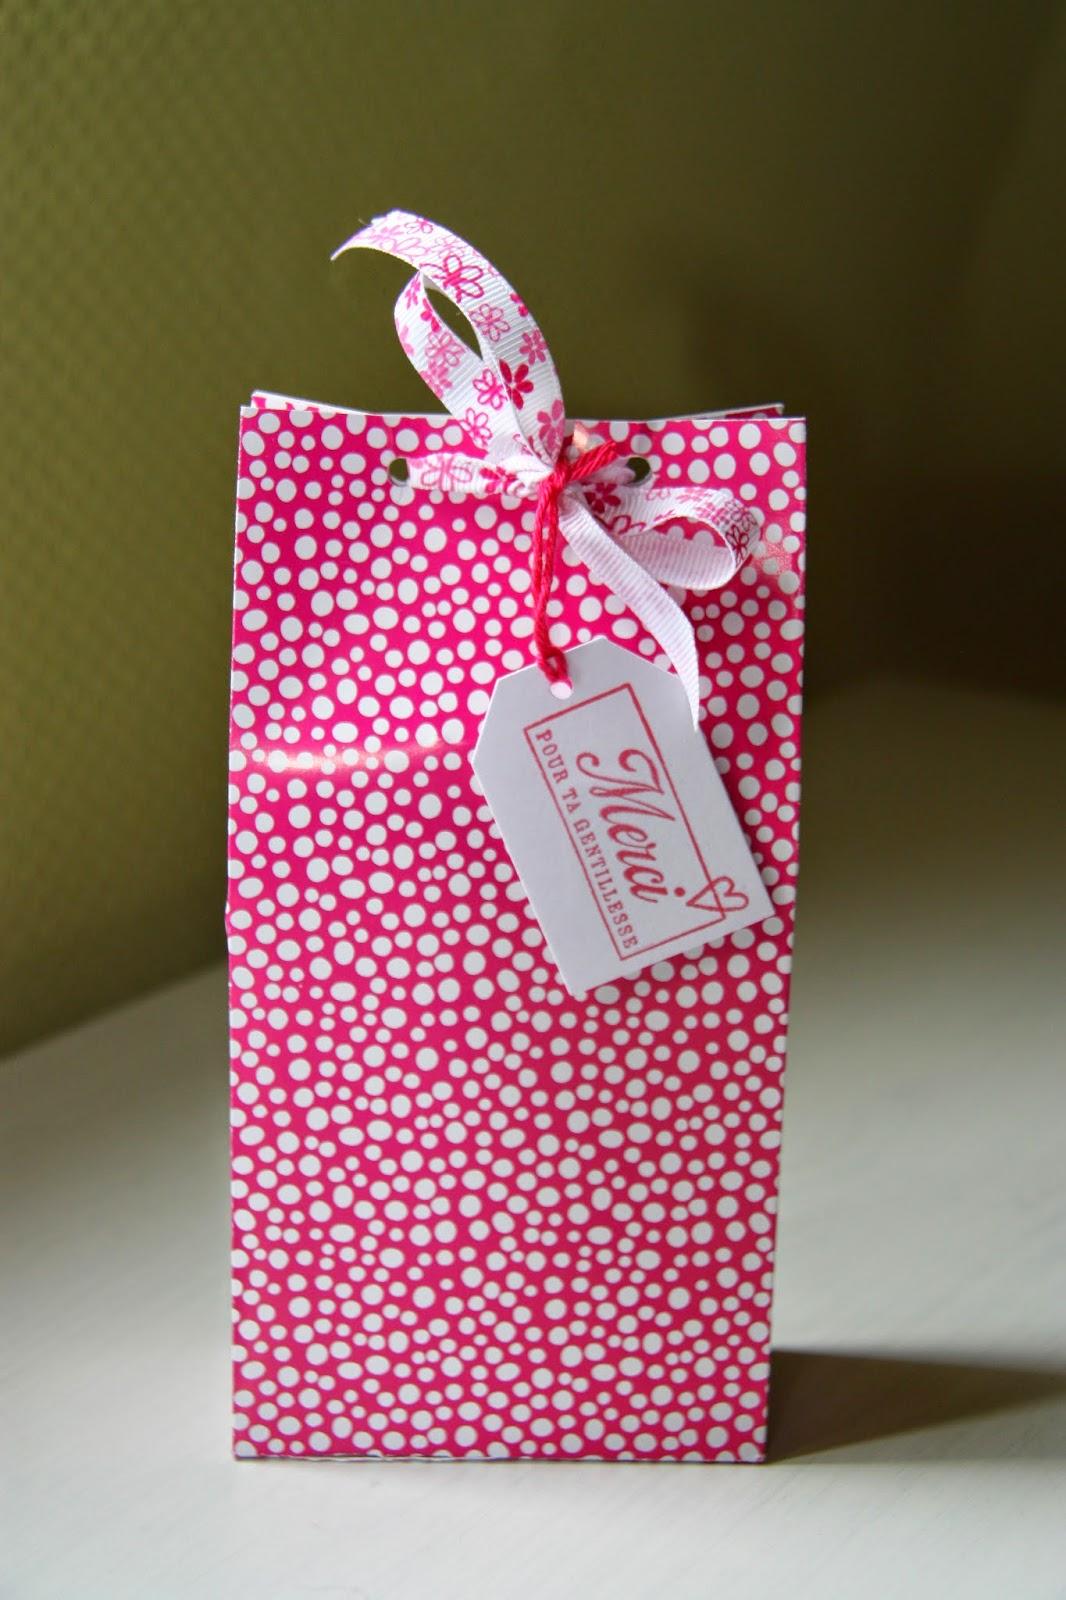 coeur de beurre scrapbooking et fantaisies emballage cadeau bo te chic et pas cher en vid o. Black Bedroom Furniture Sets. Home Design Ideas